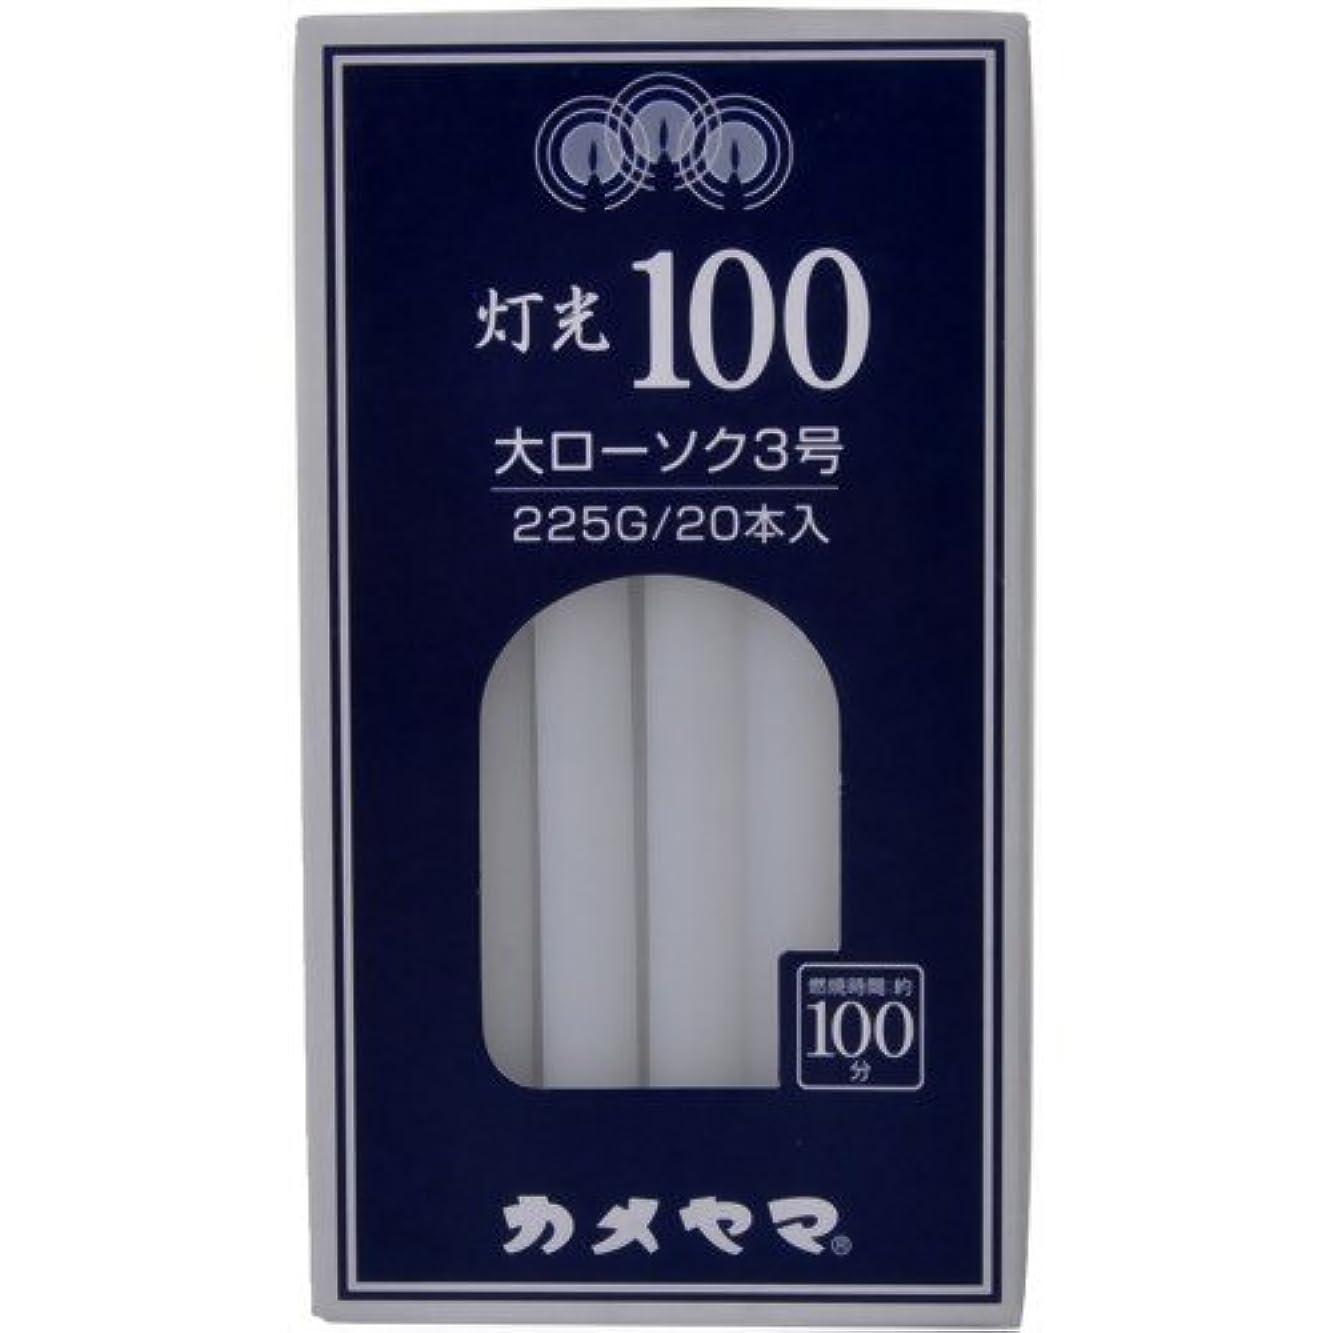 縫う例外カートリッジ灯光100大3号225G